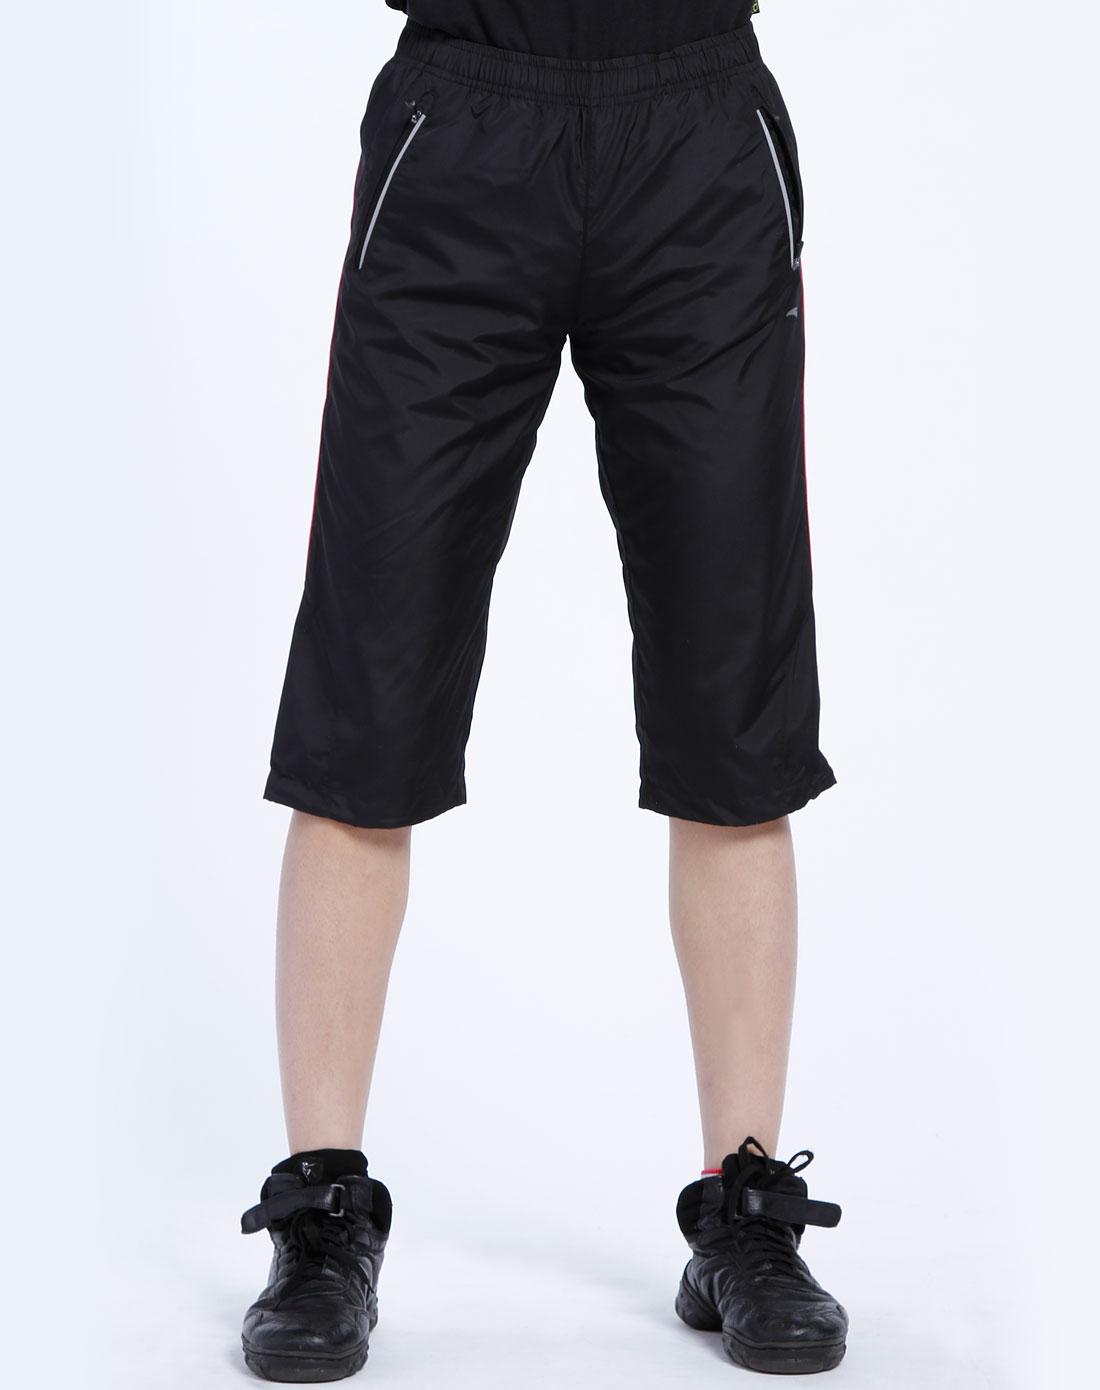 安踏anta男女装混合专场-女款 黑色运动七分裤